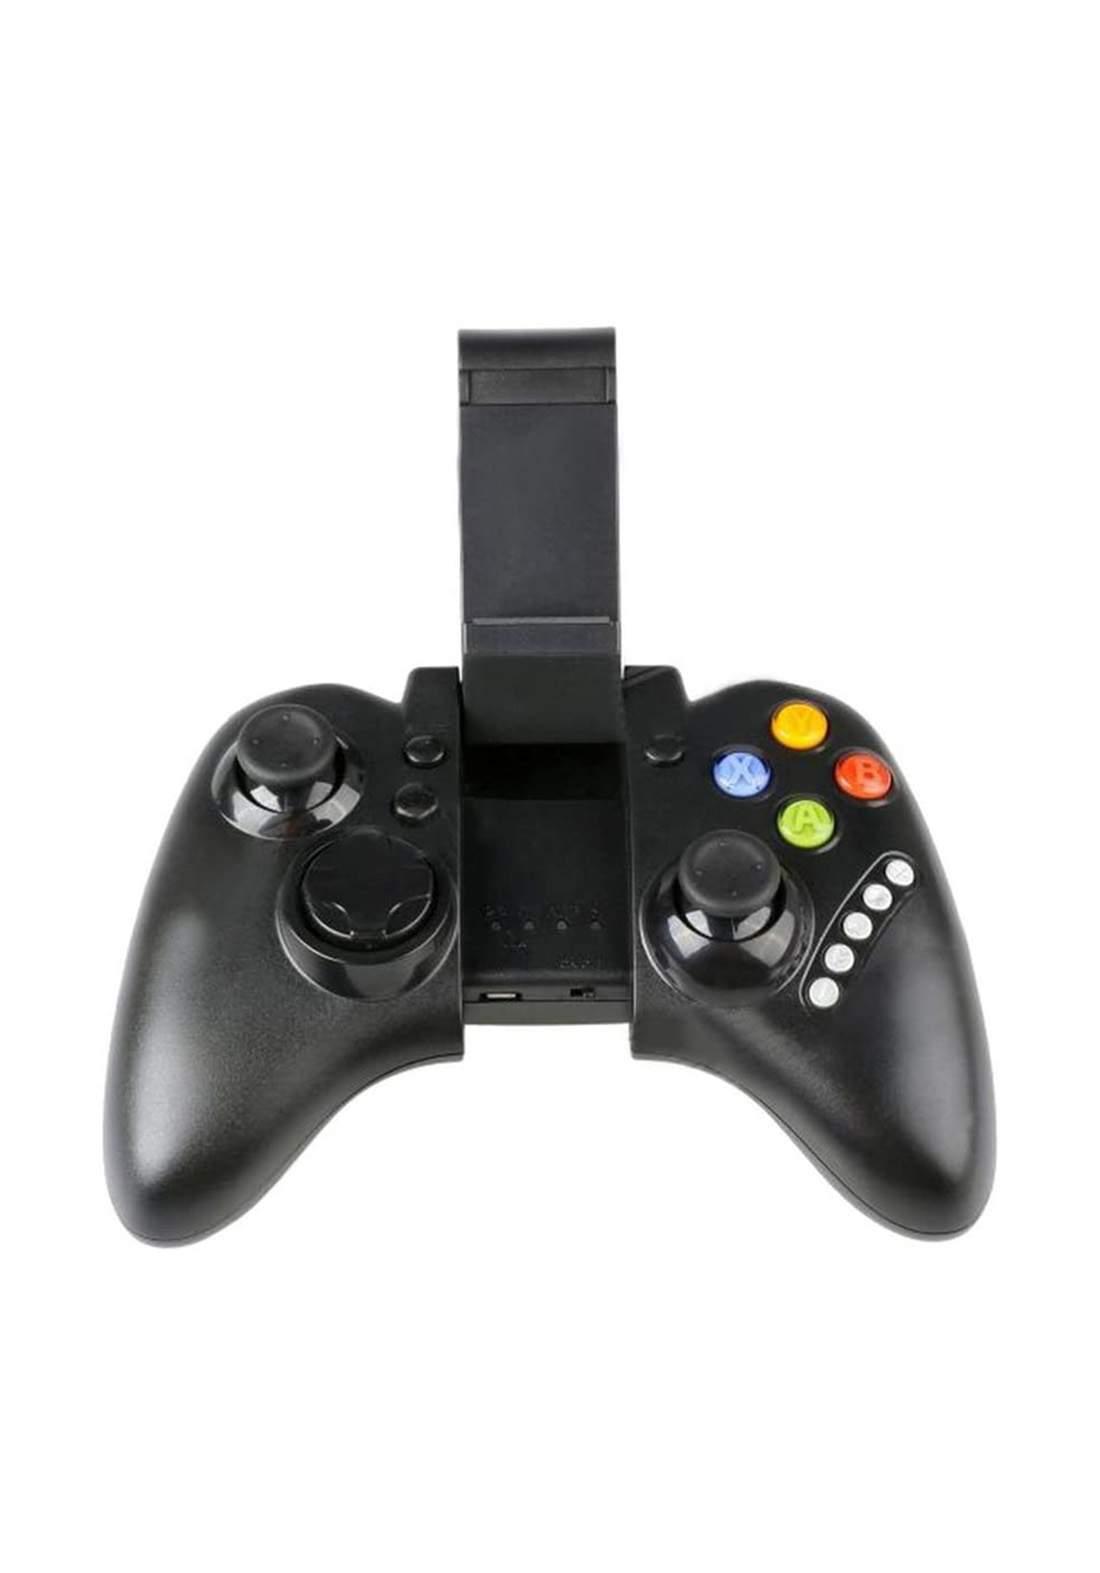 IPega PG-9021 Bluetooth Gamepad Controller - Black وحدة تحكم العاب للموبايل